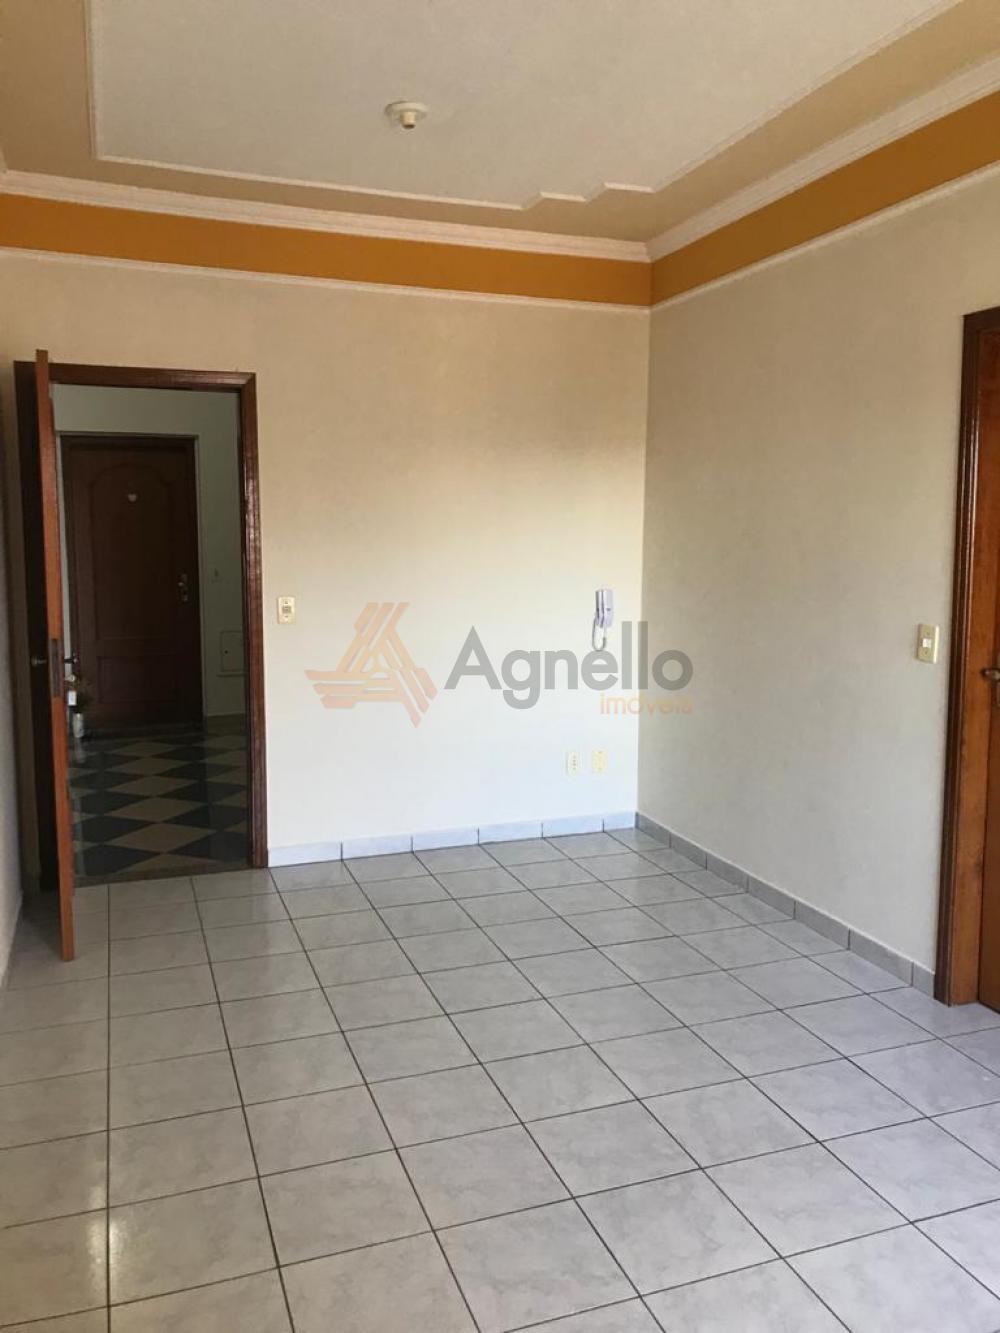 Comprar Apartamento / Padrão em Franca apenas R$ 250.000,00 - Foto 2